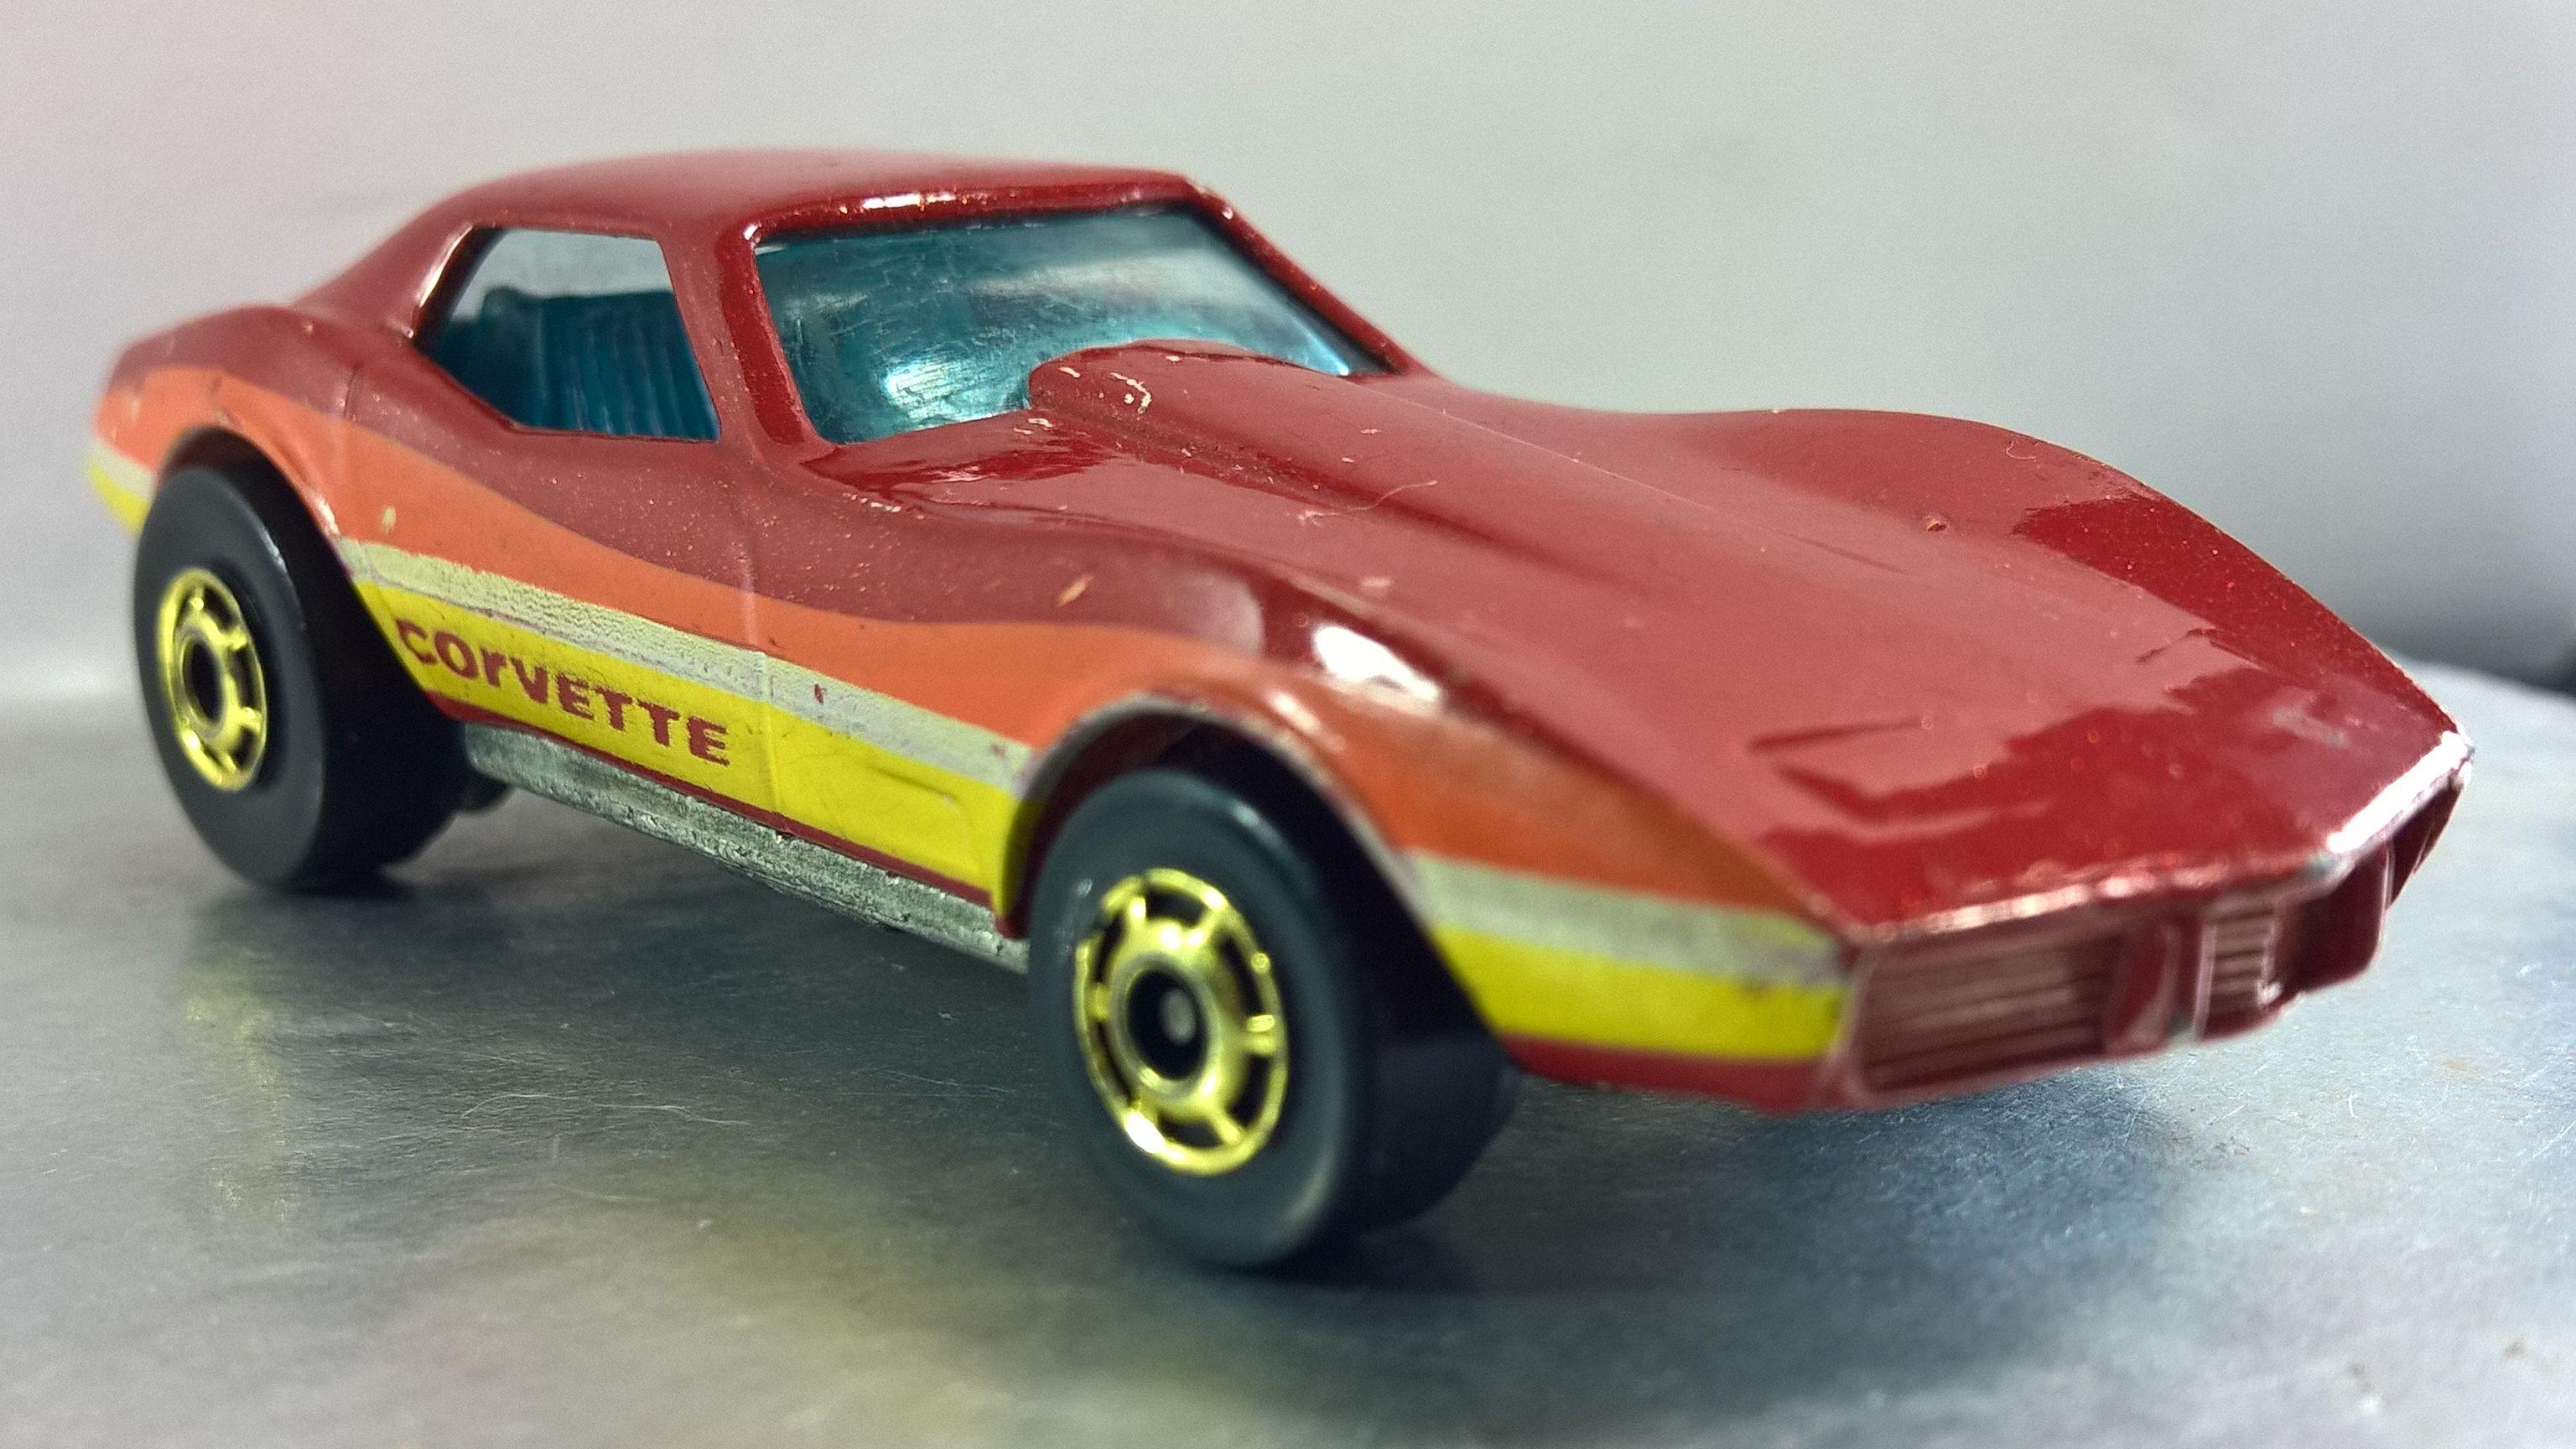 Corvette Stingray The Hot Ones 1982 11 Toy Model Cars Hot Wheels Corvette Stingray